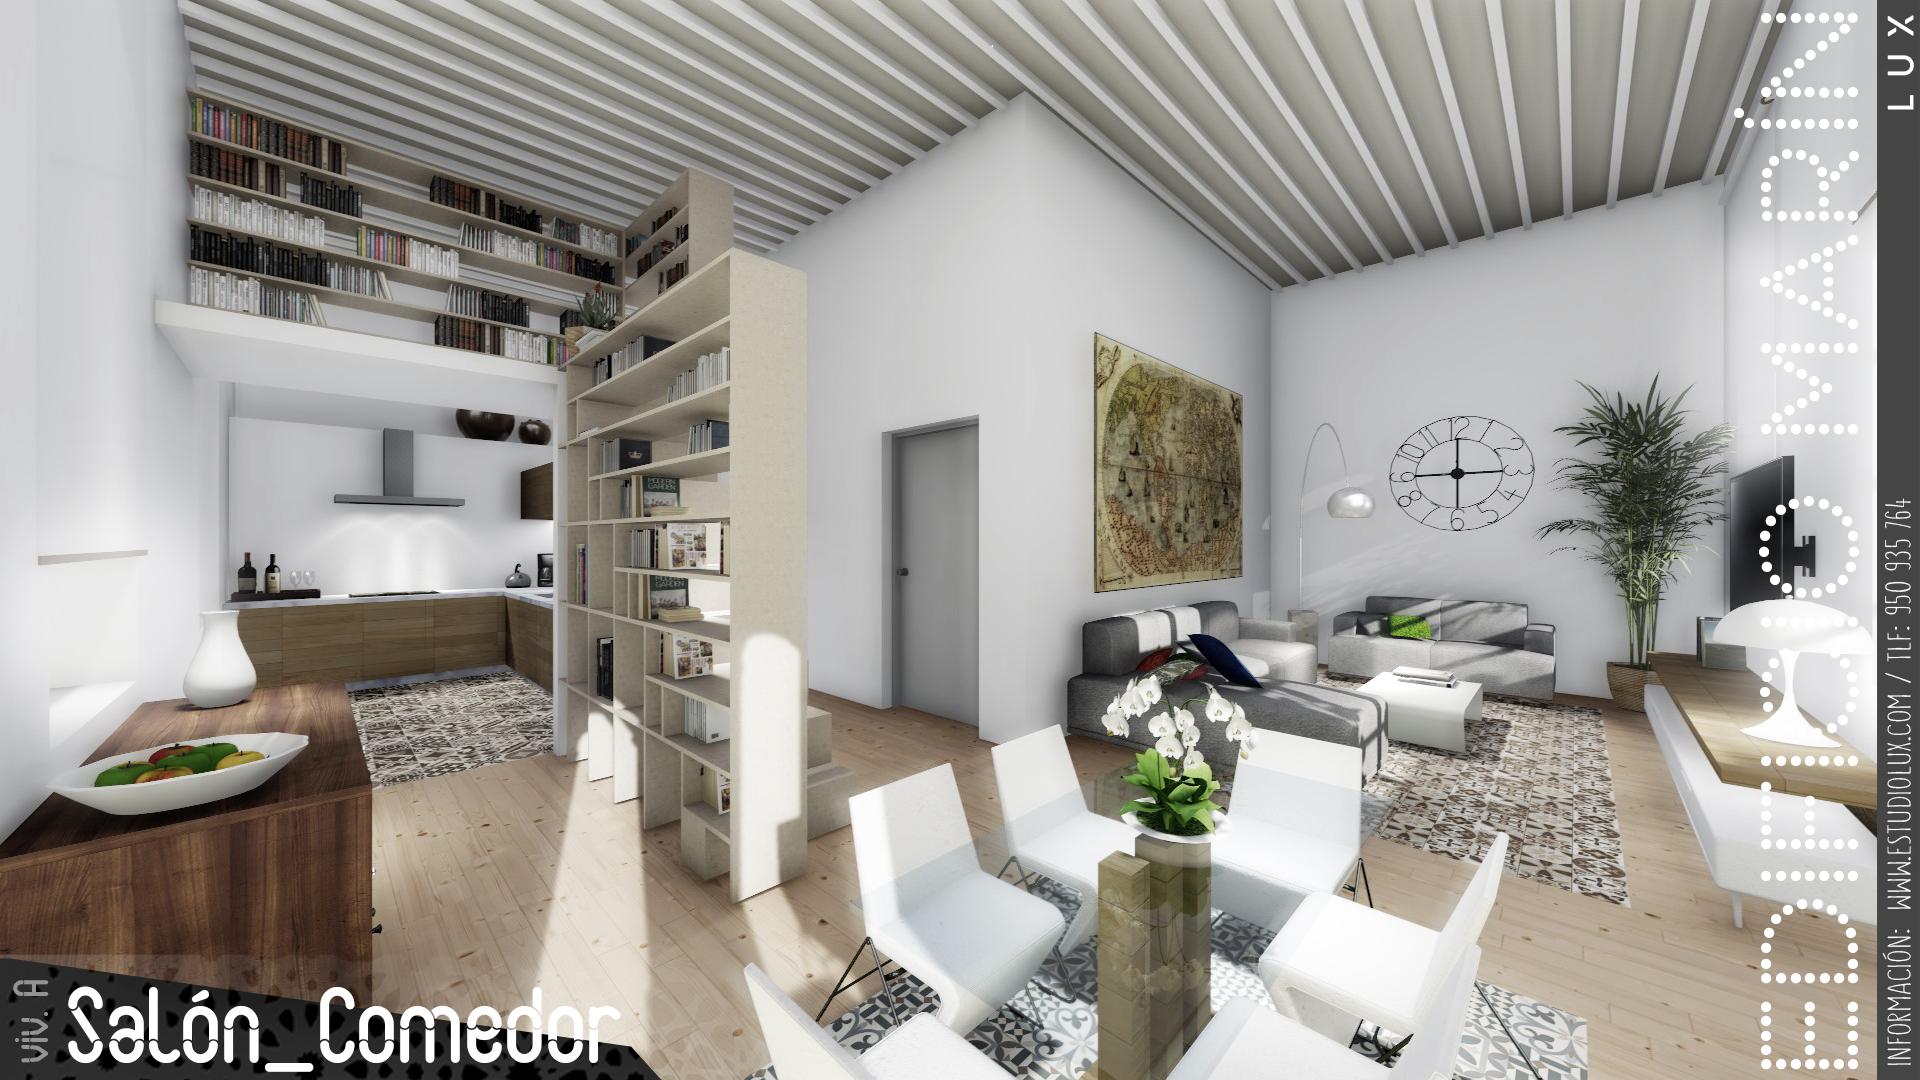 io de Arquitectura en Almería con Arquitectos y proyectos de arquitectura profesionales